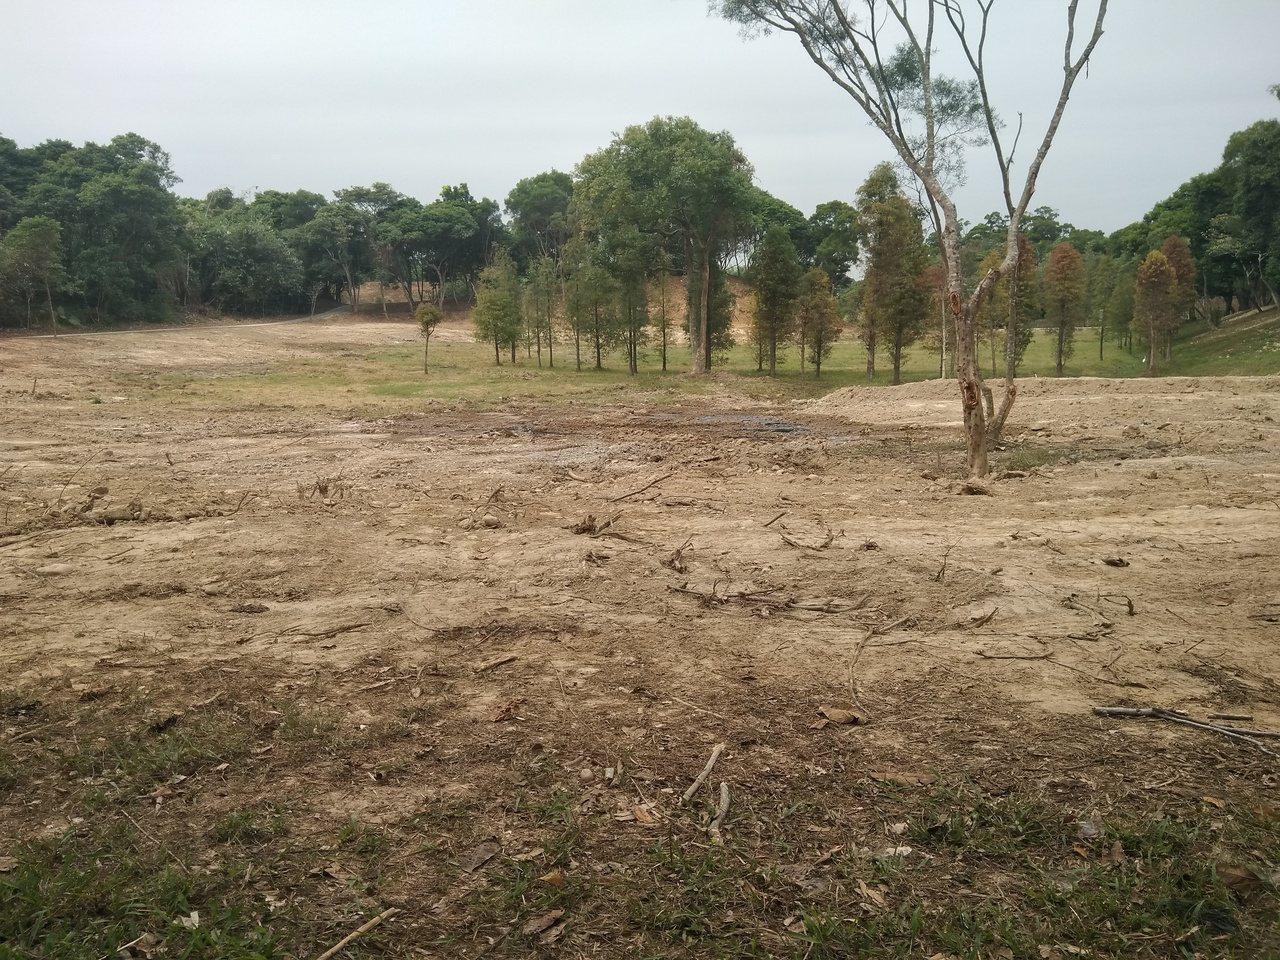 民雄鄉公所目前正協助民雄森林公園做草地整修,未來會再種更多落羽松及恢復草原的綠色...